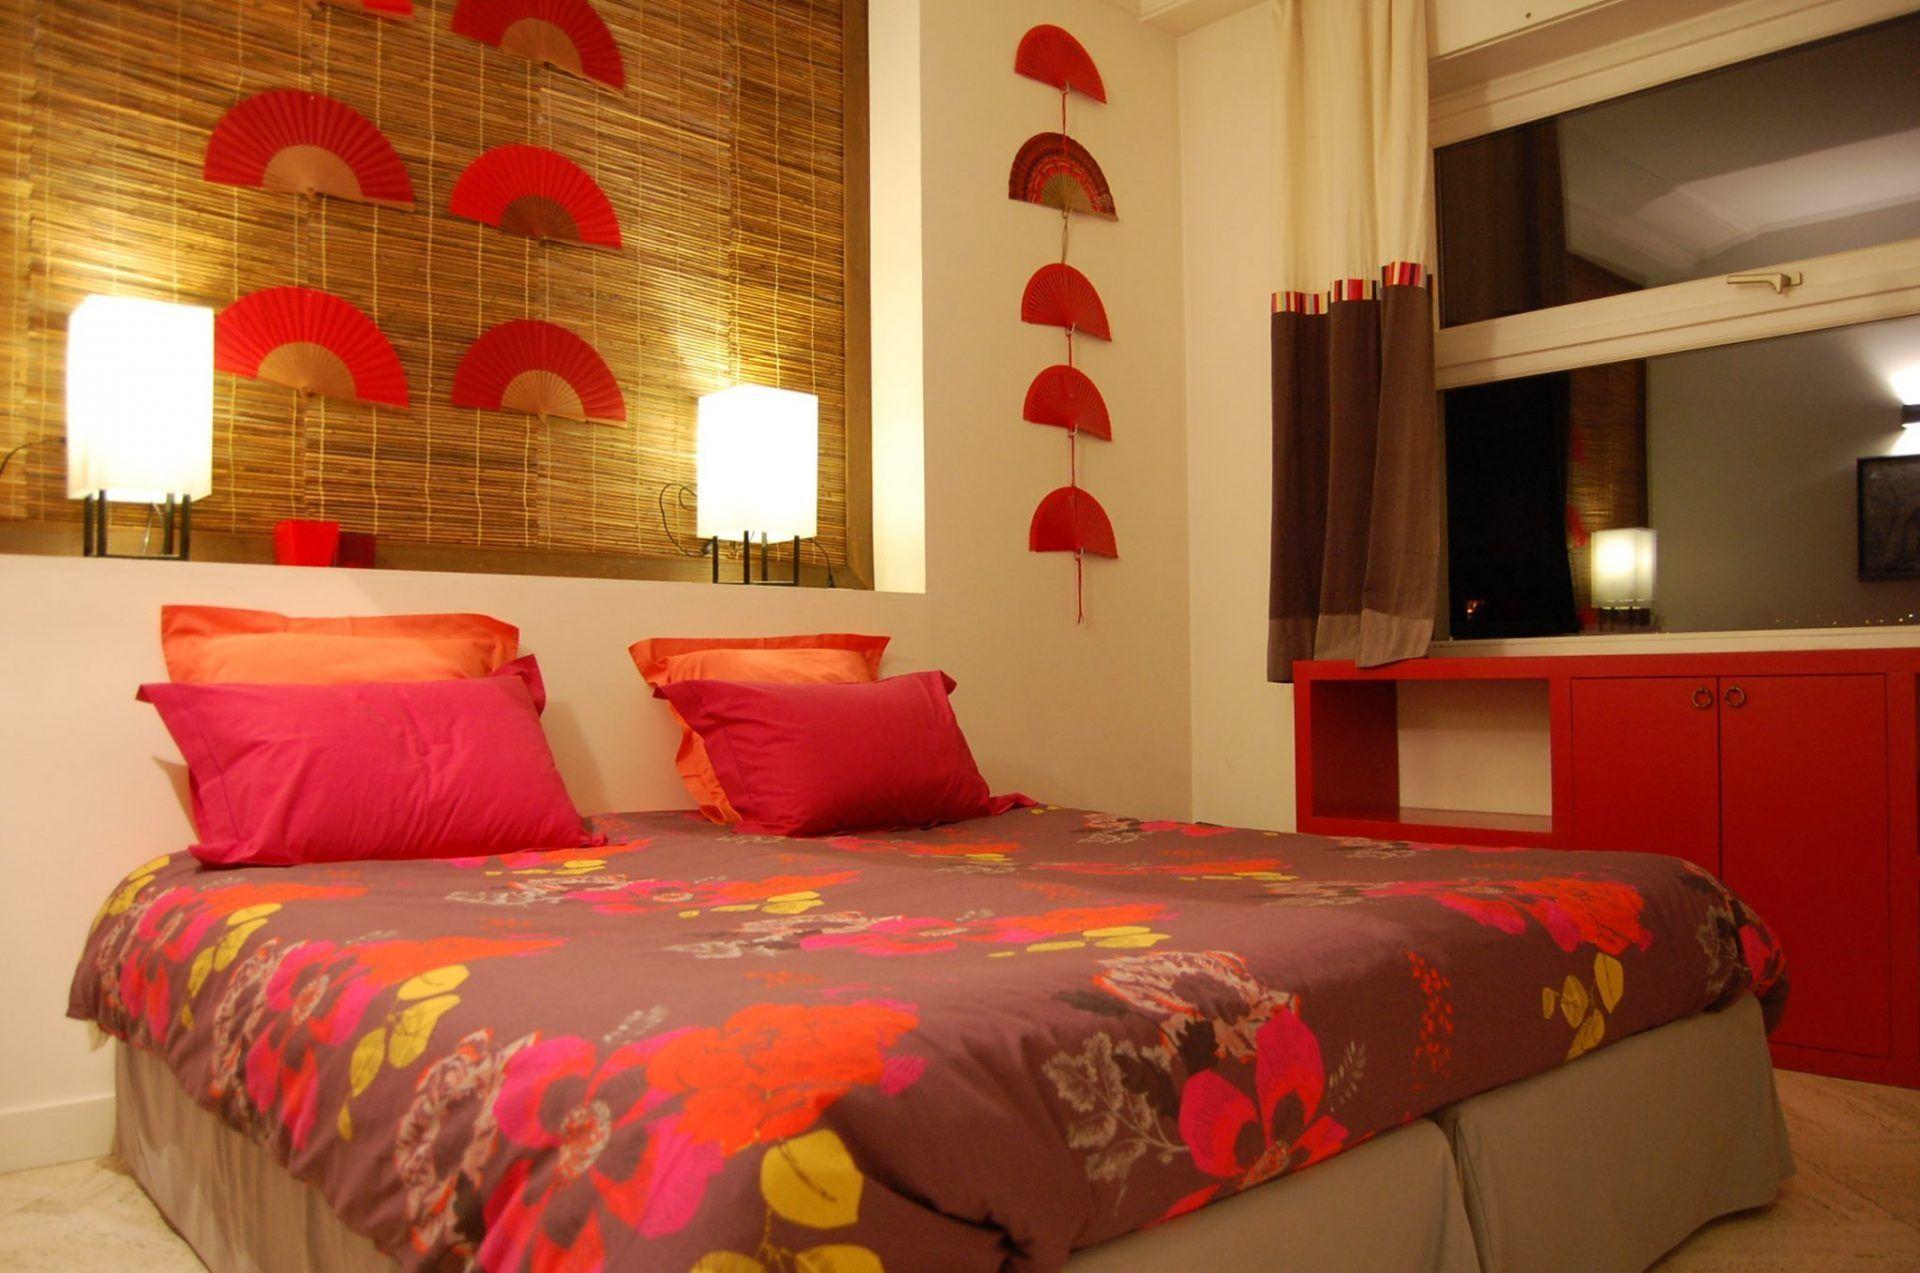 Location Appartement avec 1 chambre Location saisonni¨re Lyon 3